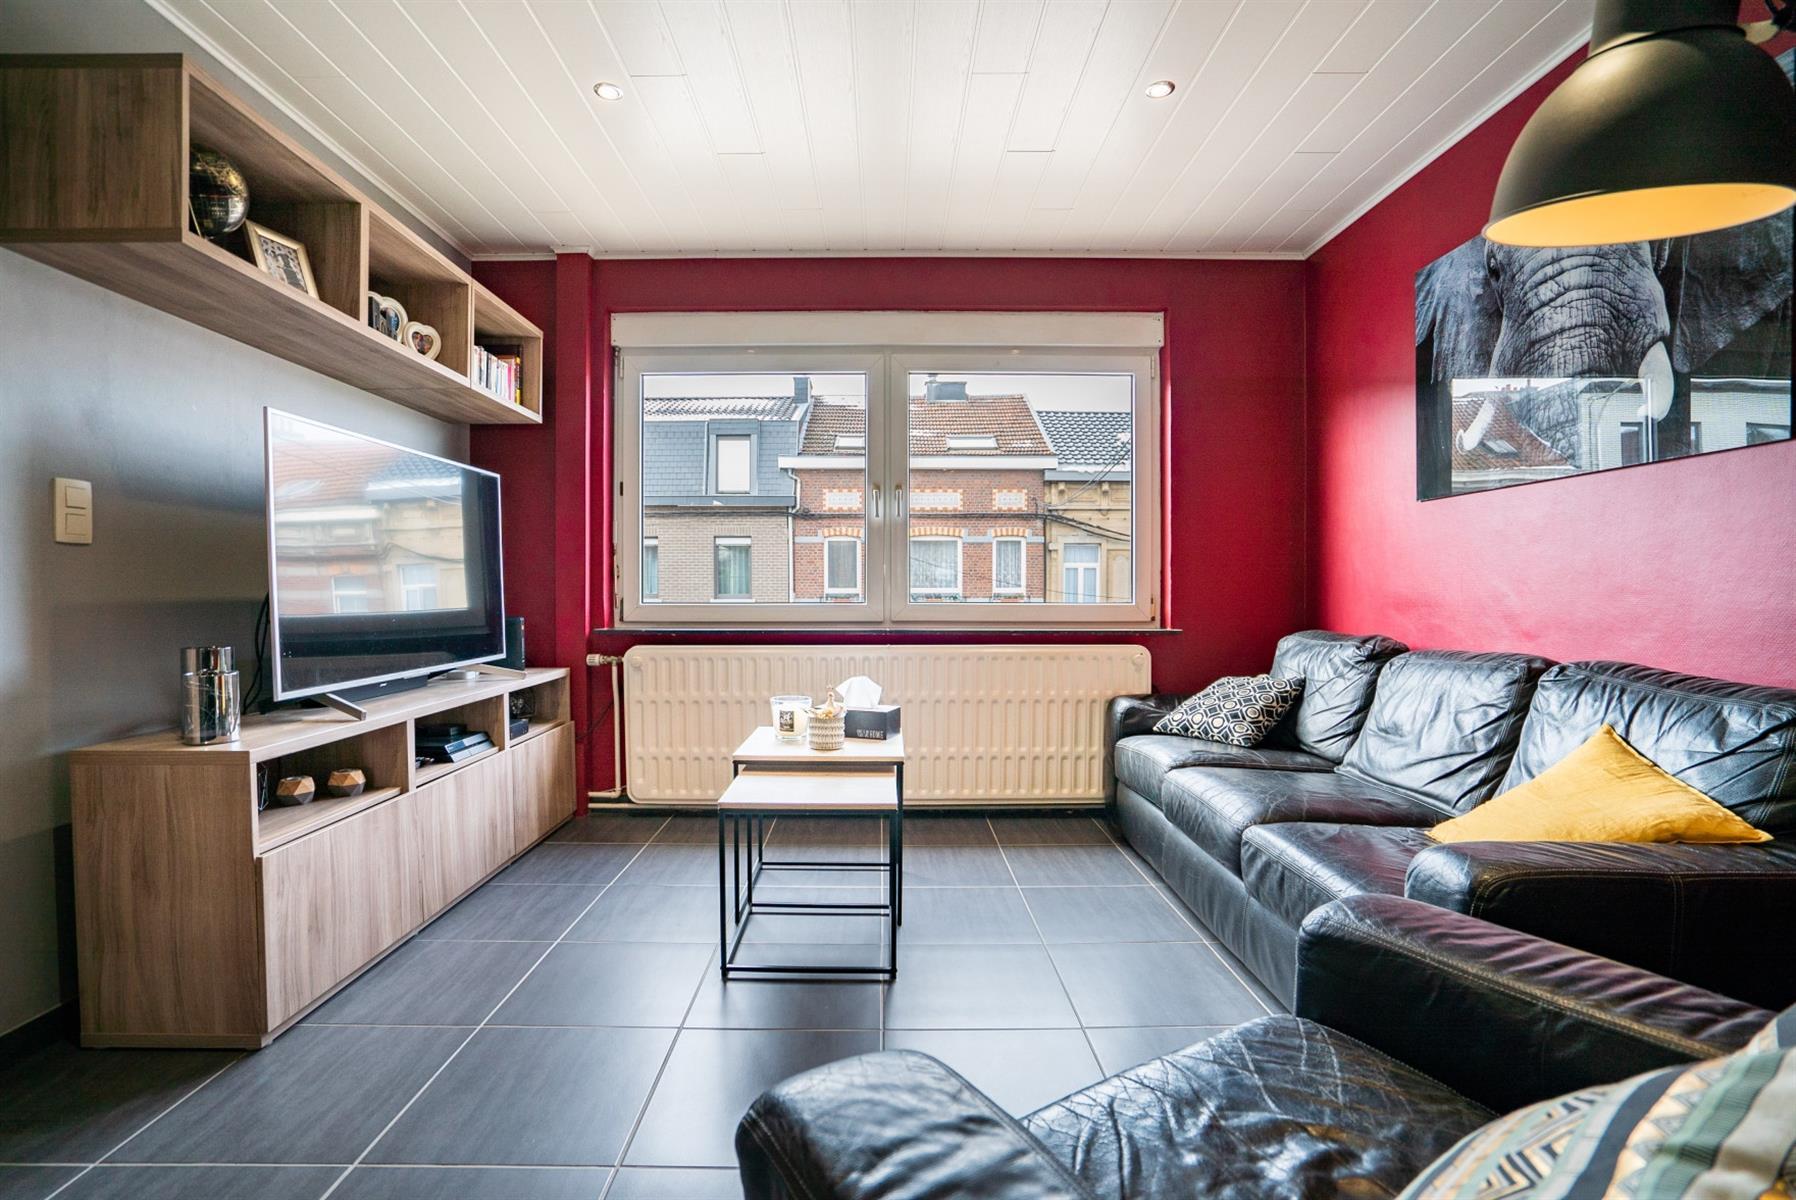 Maison - Verviers - #4321260-3